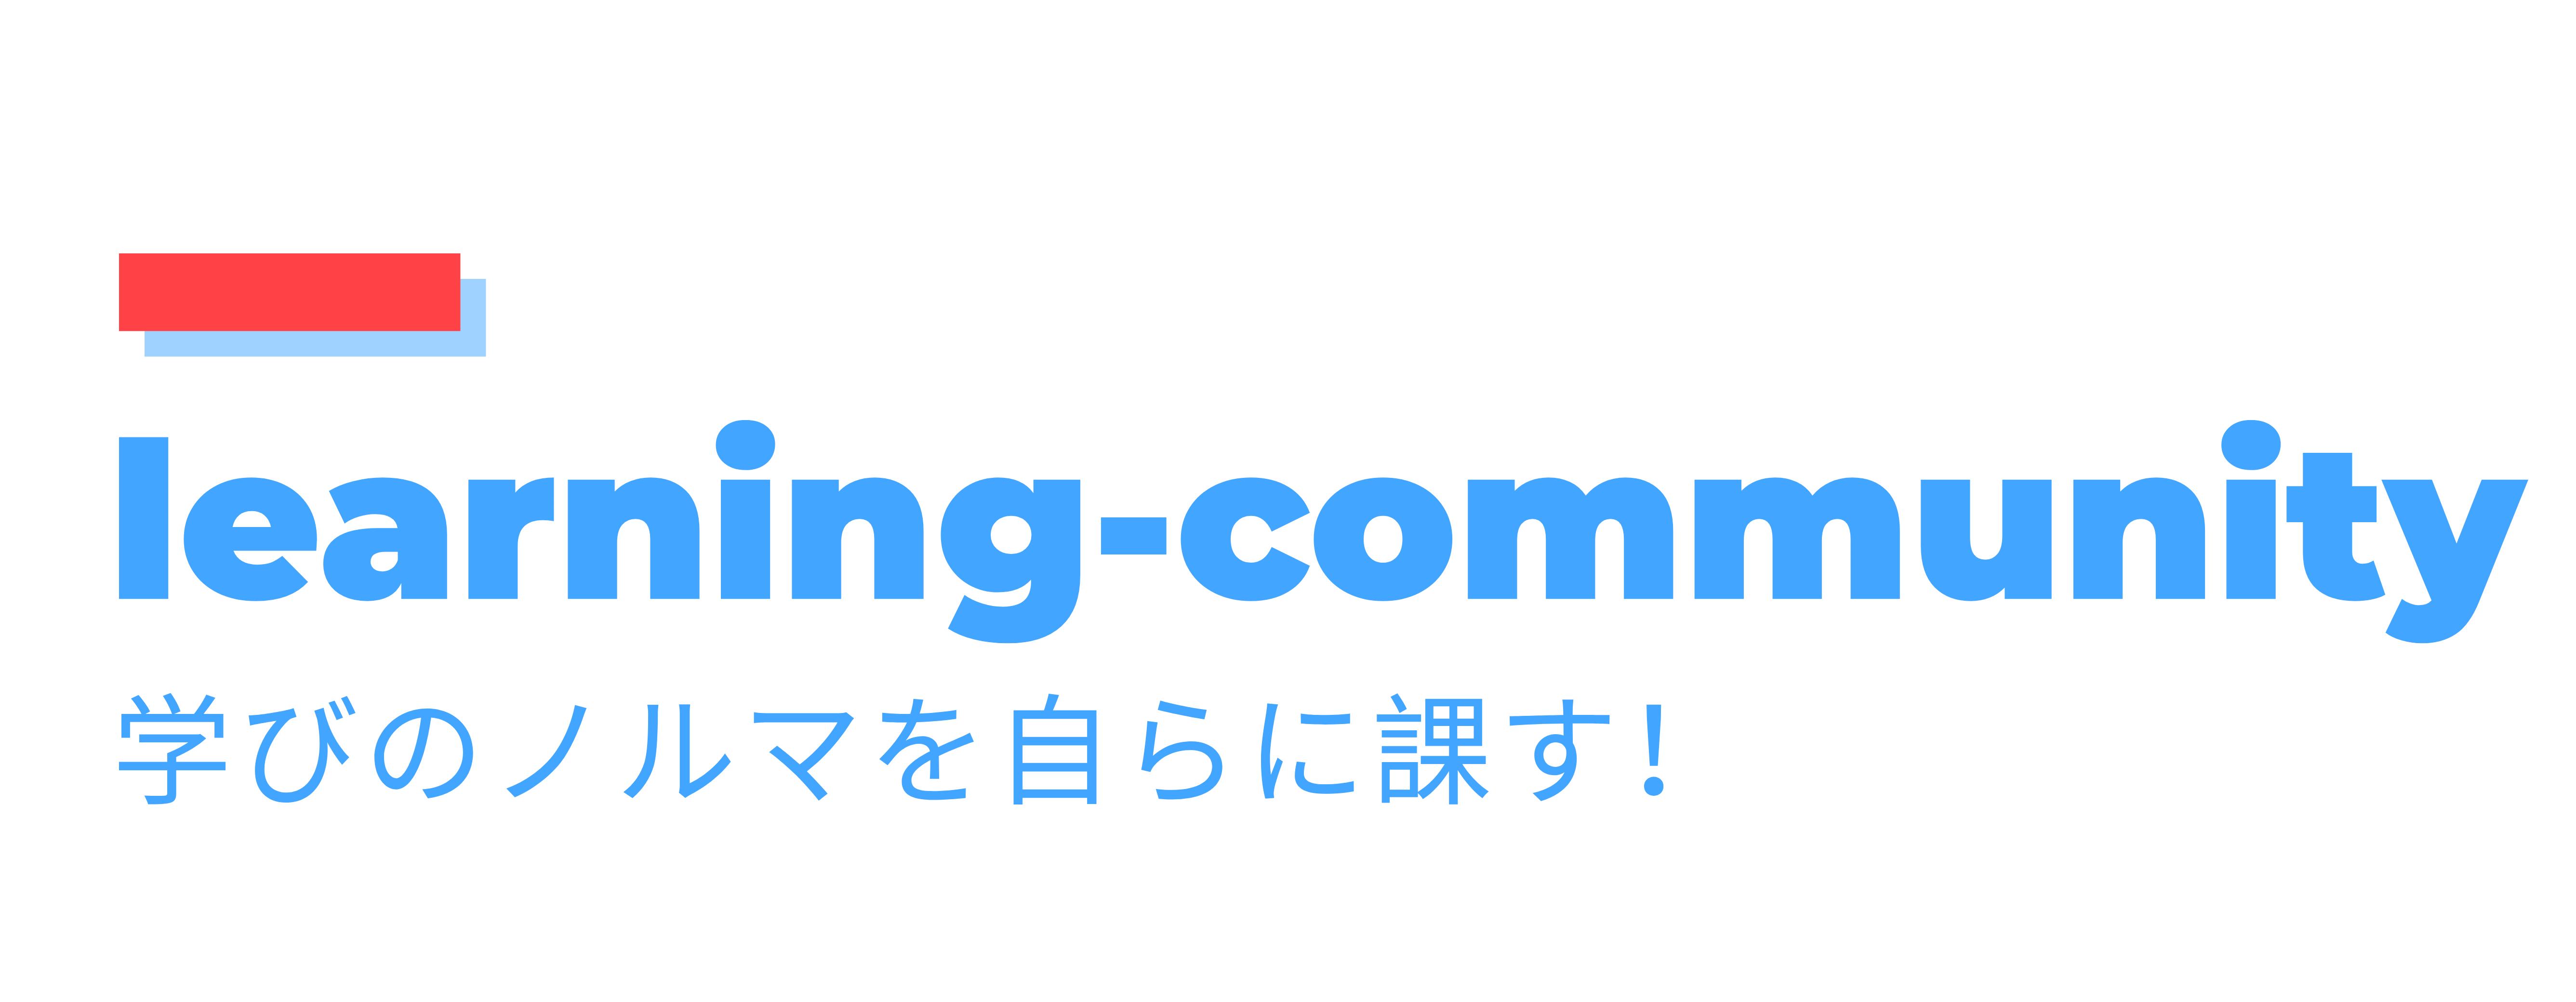 ラーニング・コミュニティ